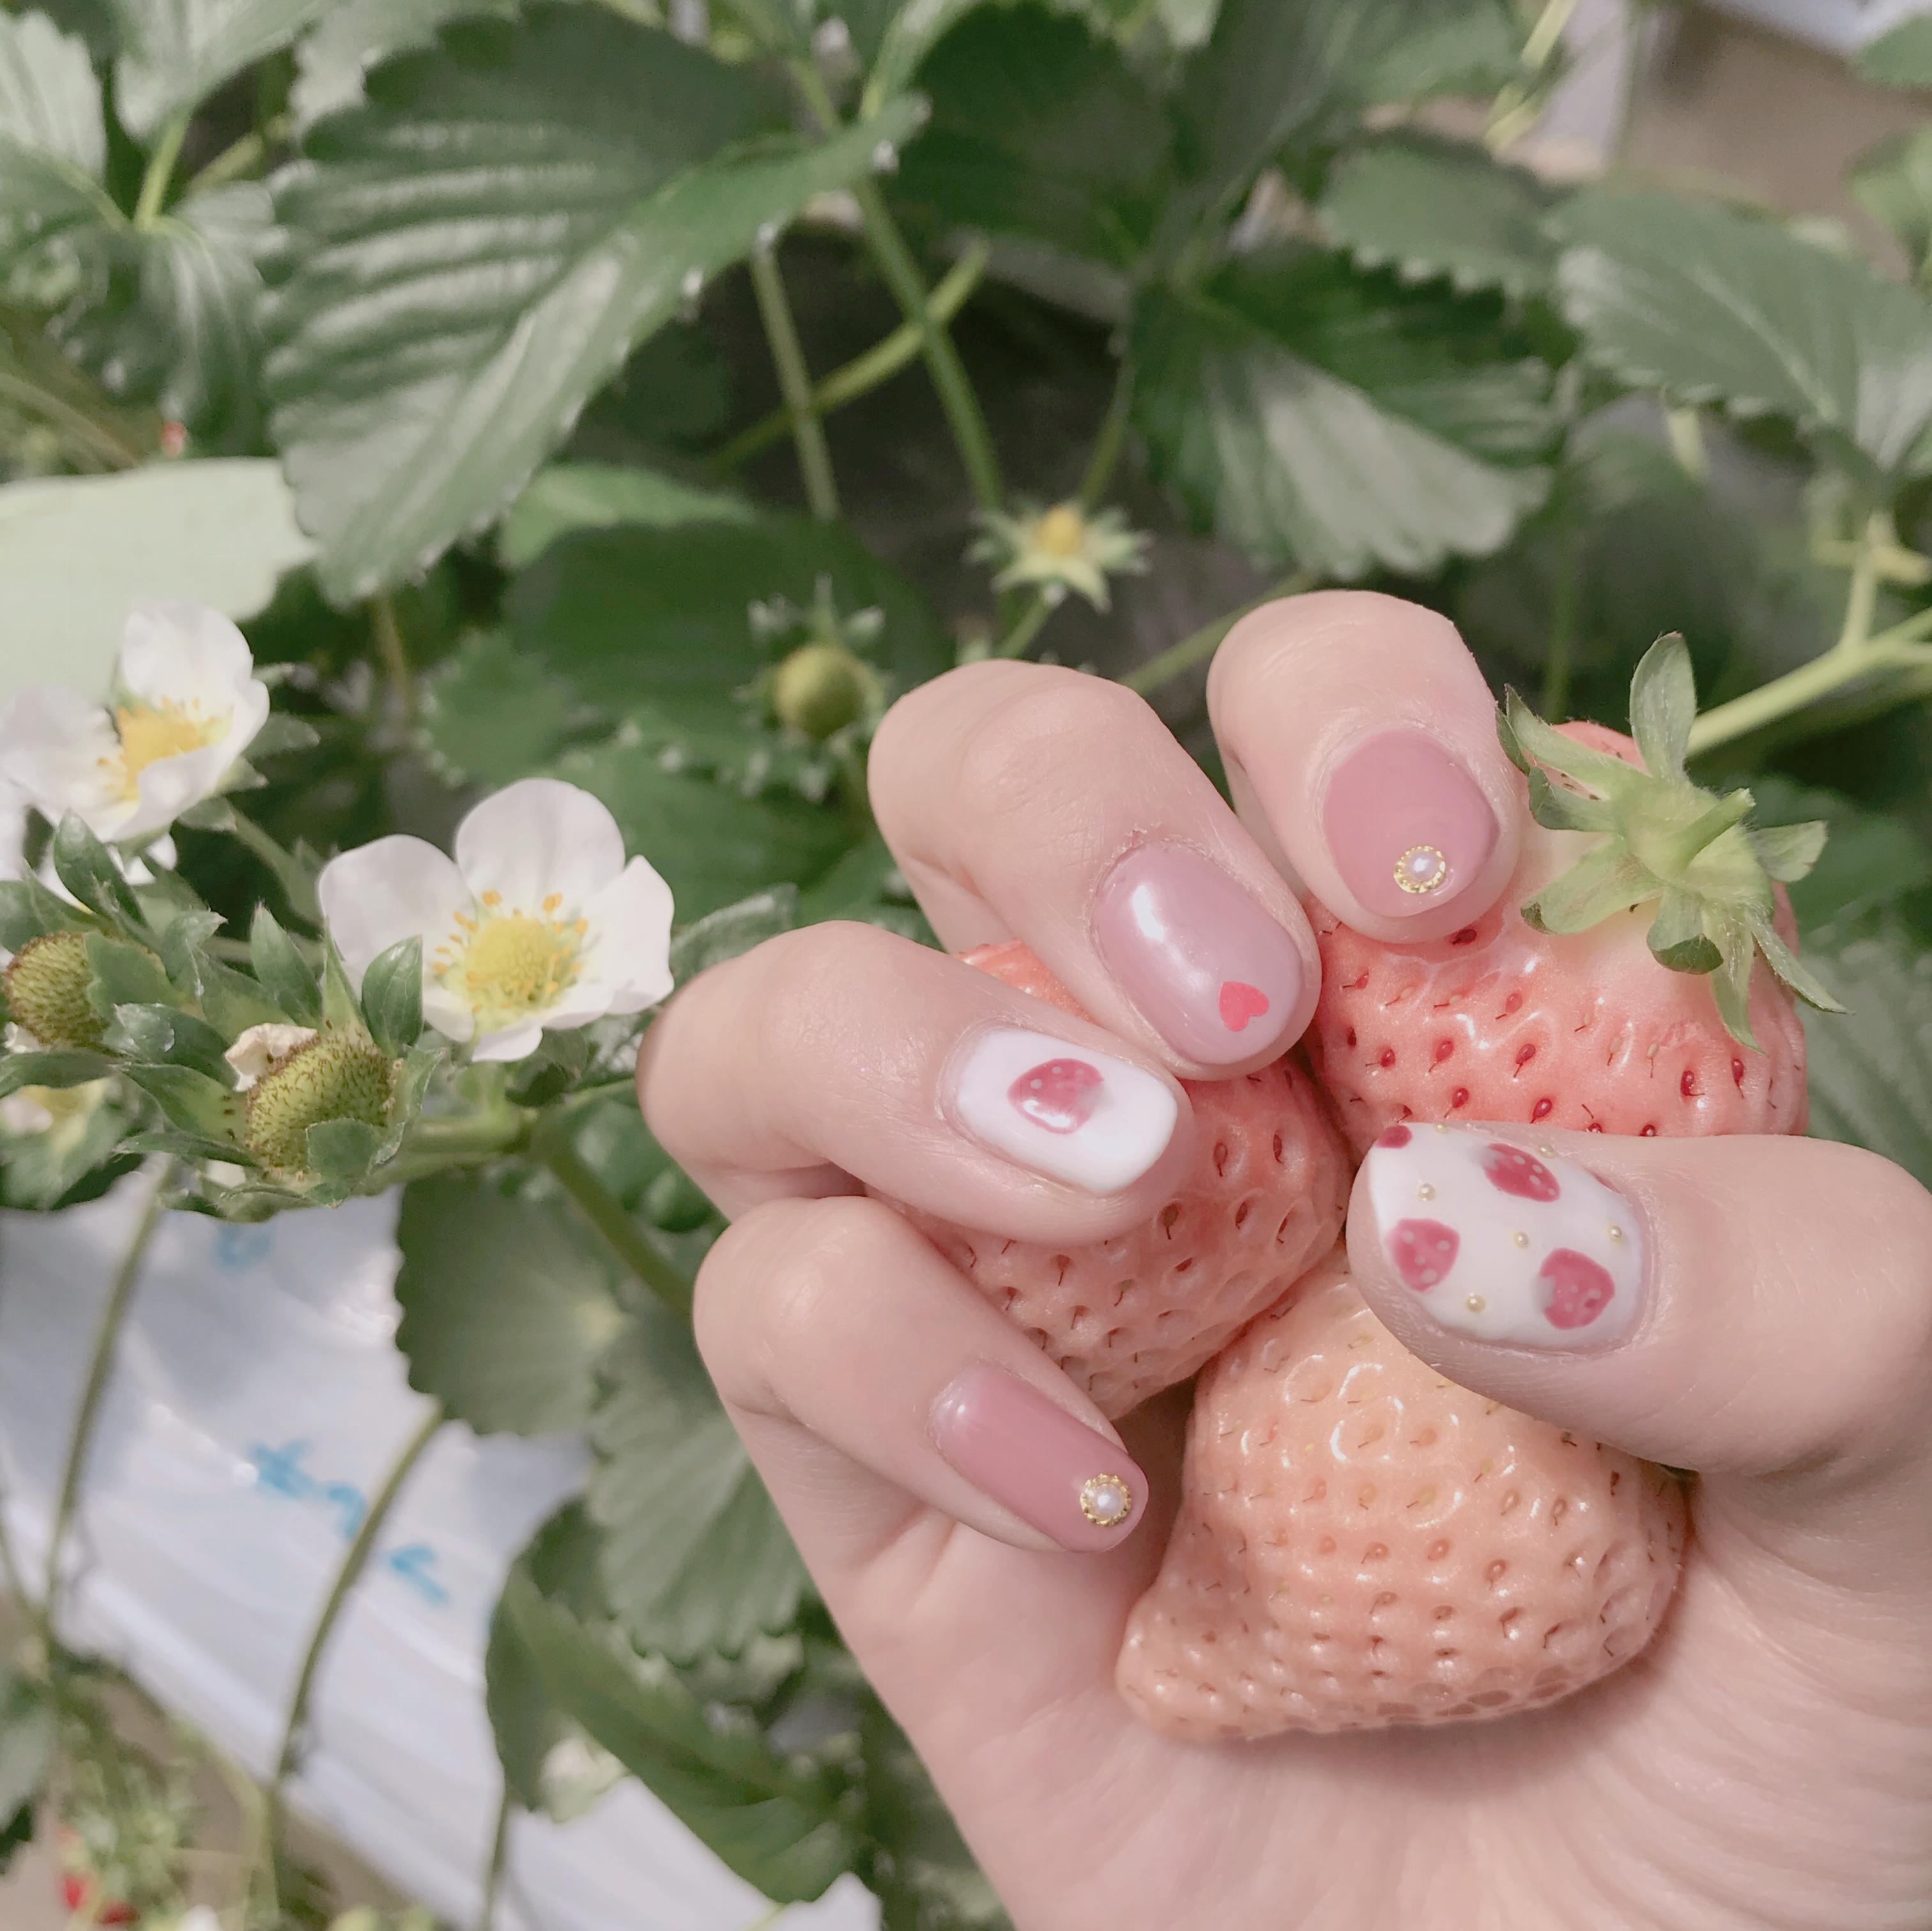 春といえば【いちご狩り】なんと、白イチゴが食べ放題のいちご園があるんです❤︎_1